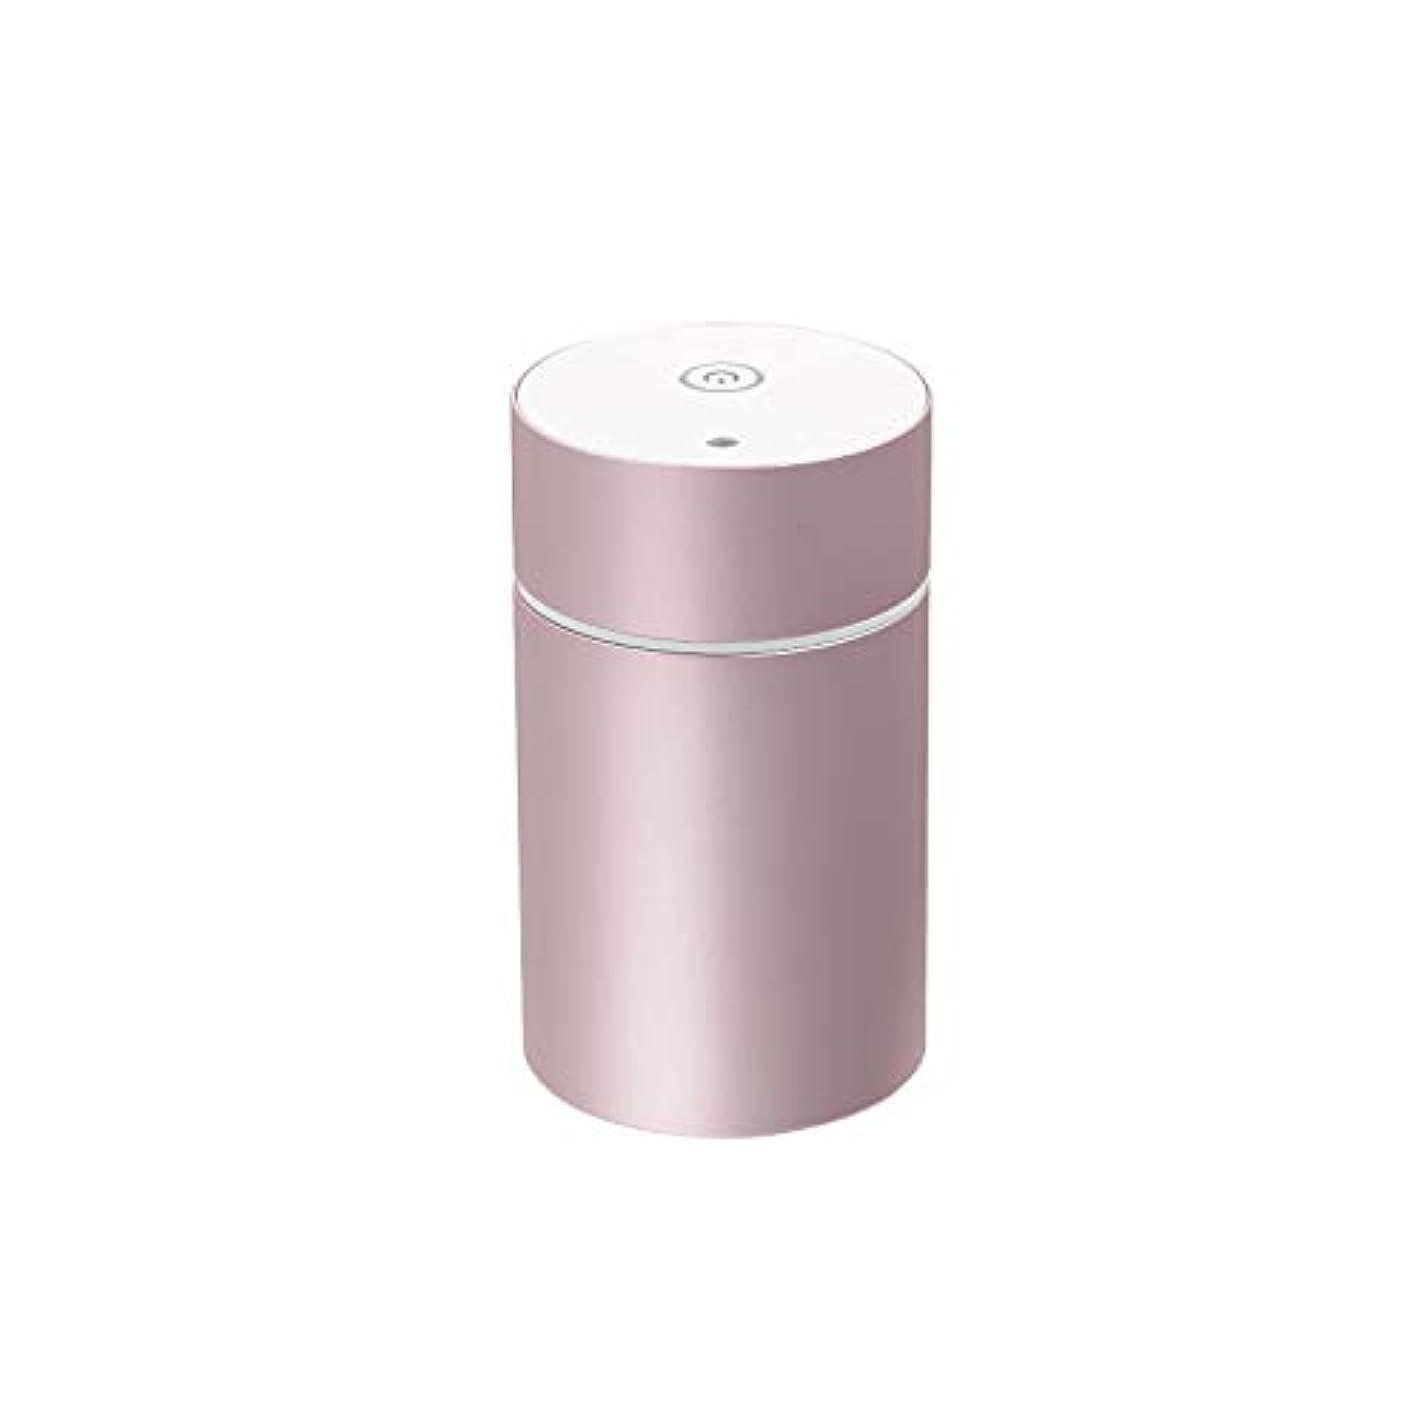 ドールシダ一月生活の木 アロマディフューザー(ピンク)aromore mini(アロモアミニ) 08-801-7020